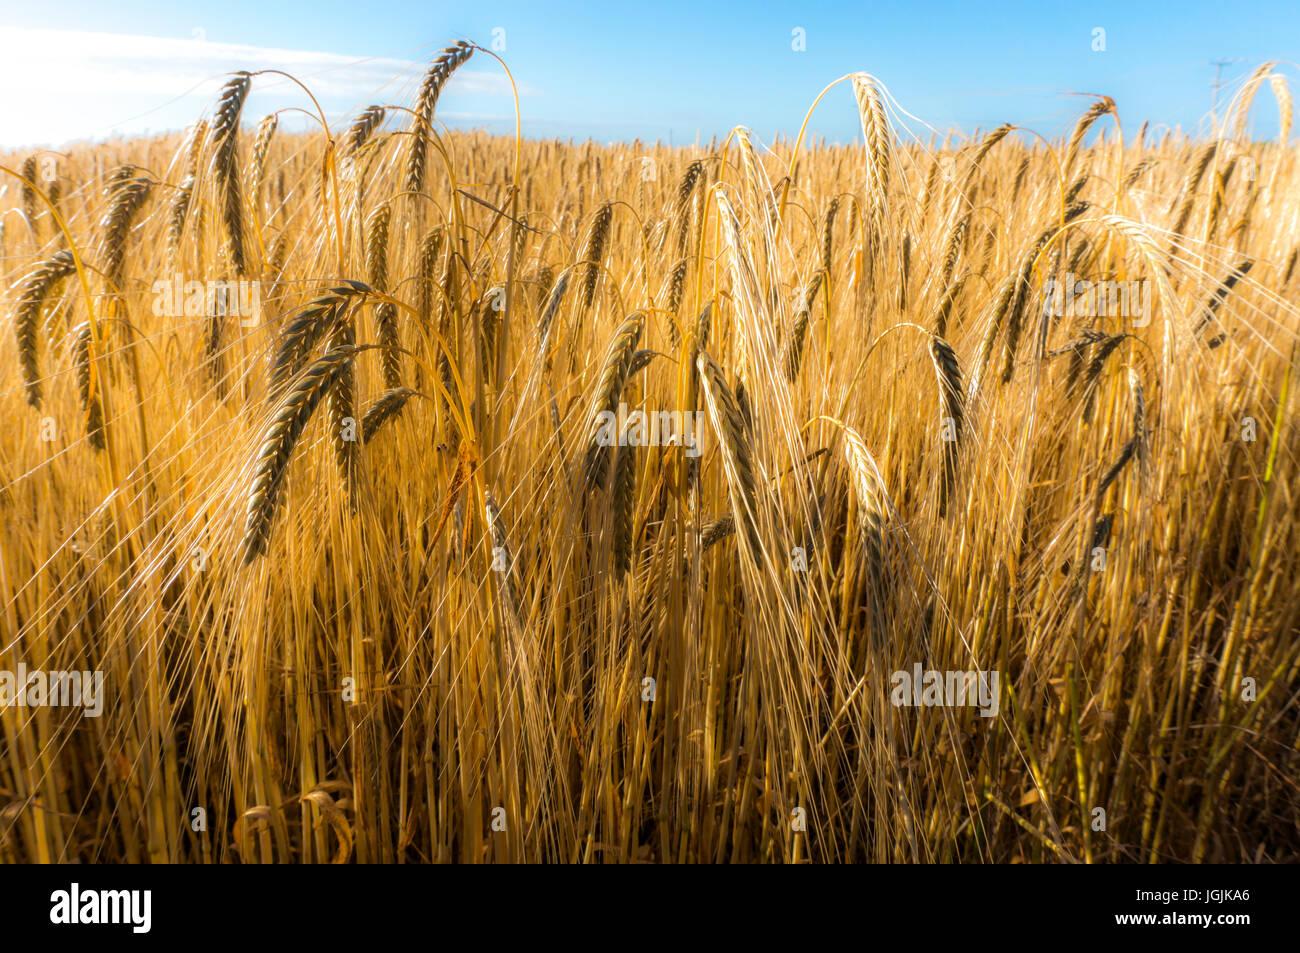 Un gros plan d'une récolte de blé dans un champ de plus en plus tôt un matin d'été, Photo Stock